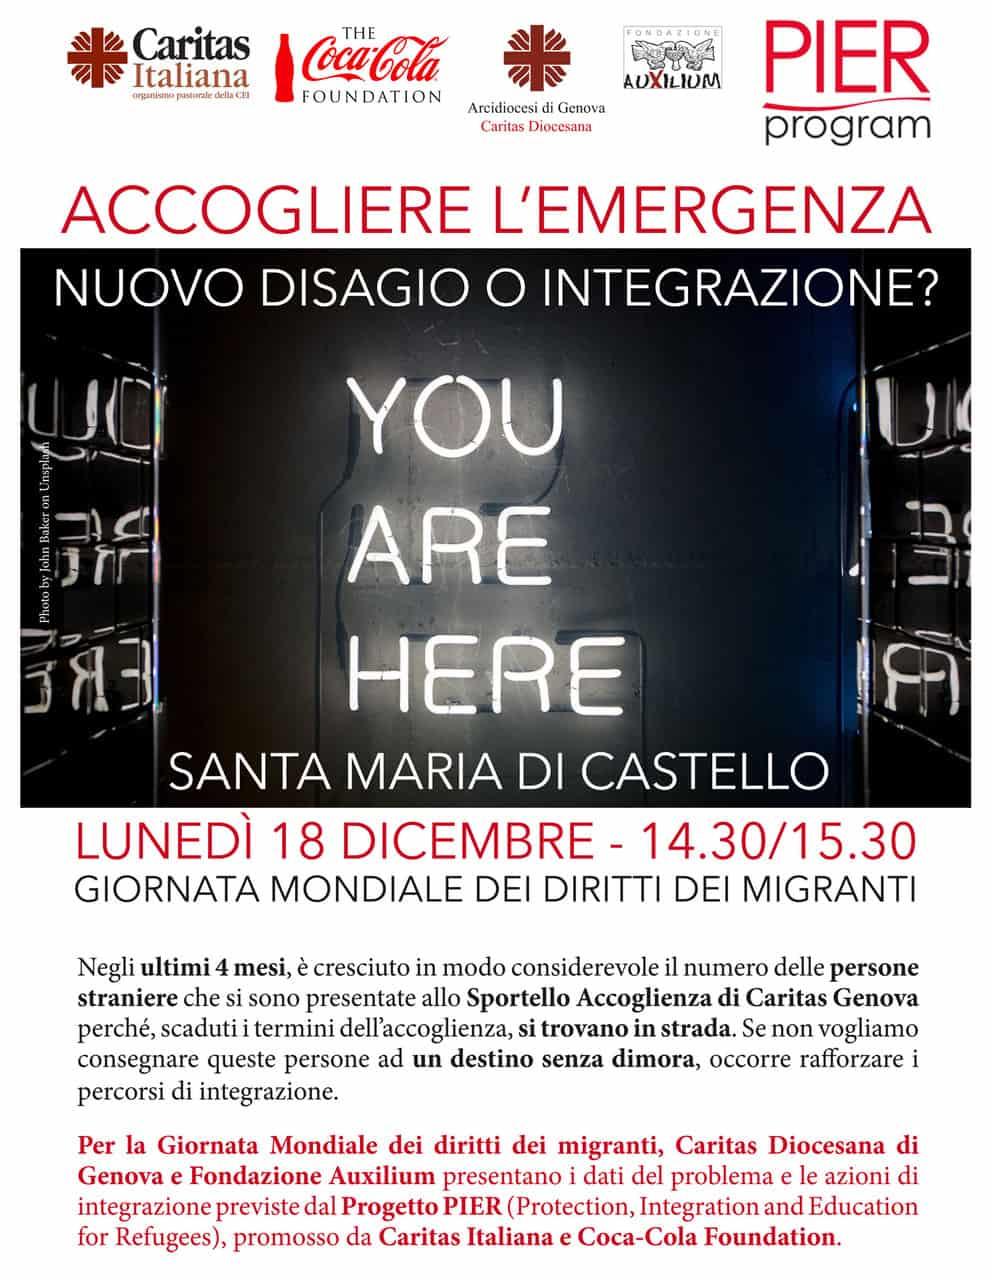 18 dicembre. Caritas e Auxilium per la Giornata Mondiale del Migrante